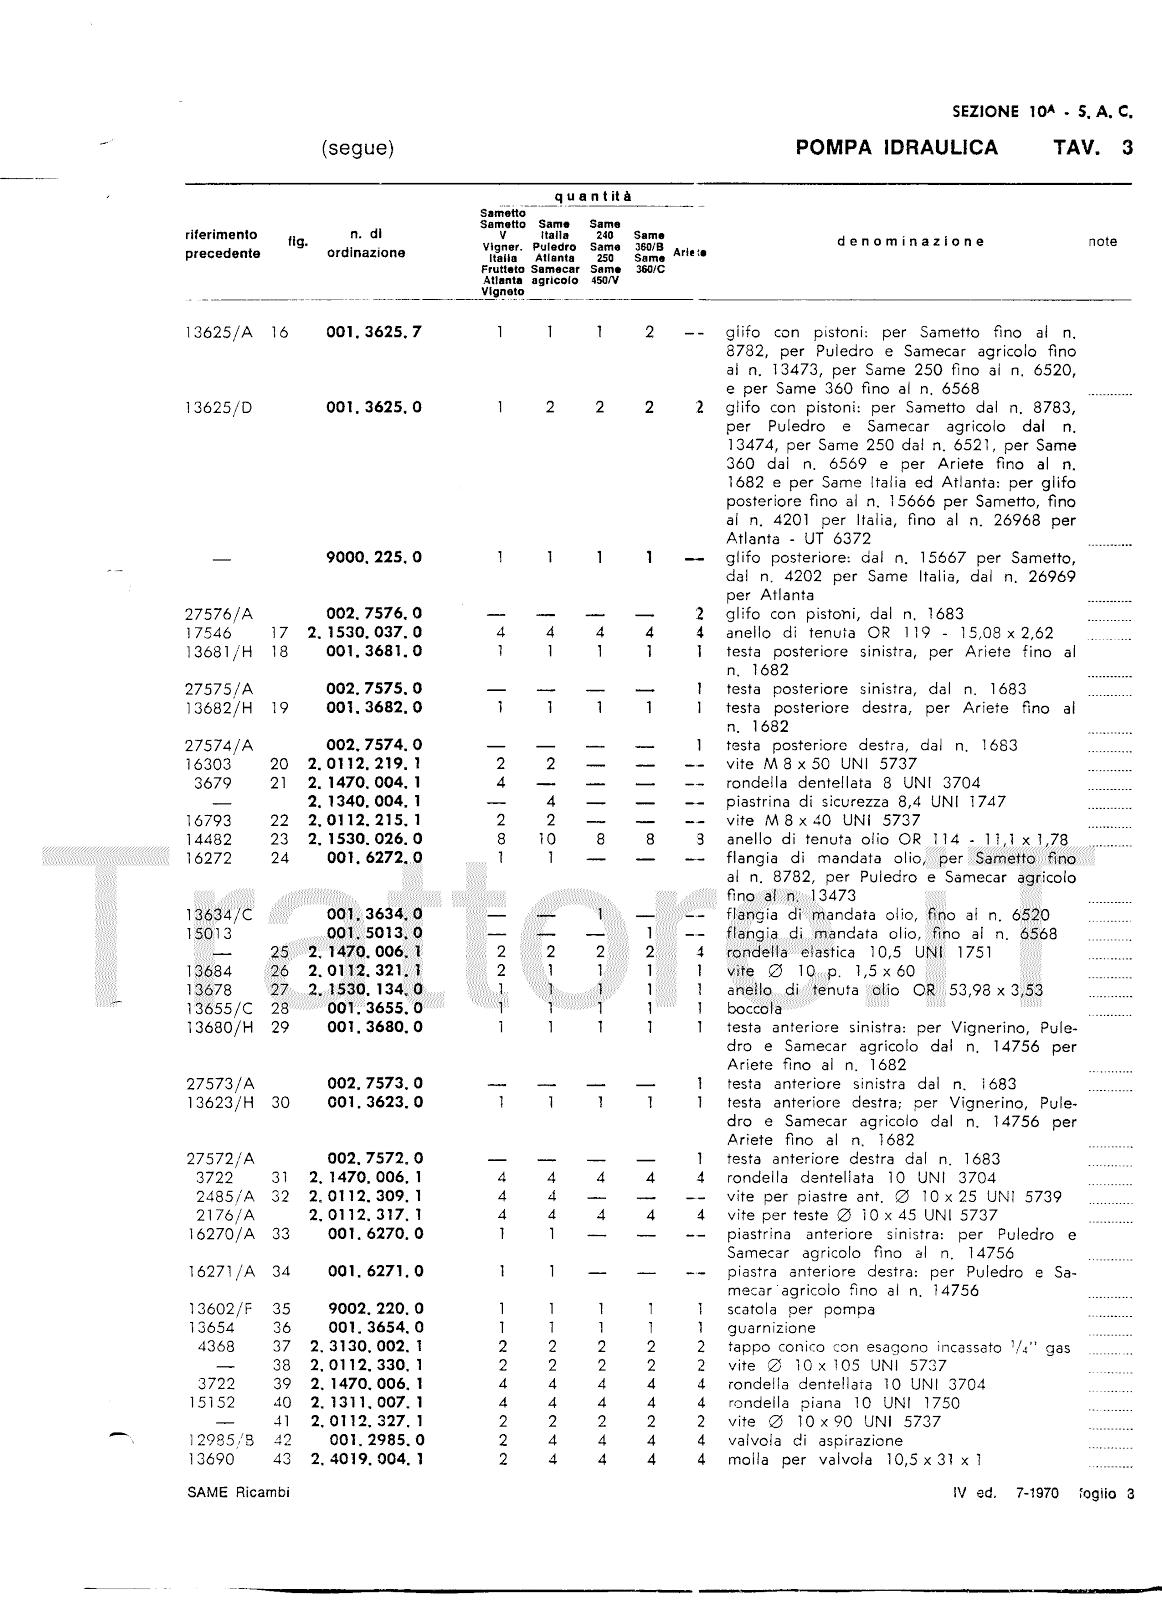 InfoTrattore.it: Manuale (esploso meccanico) Stazione